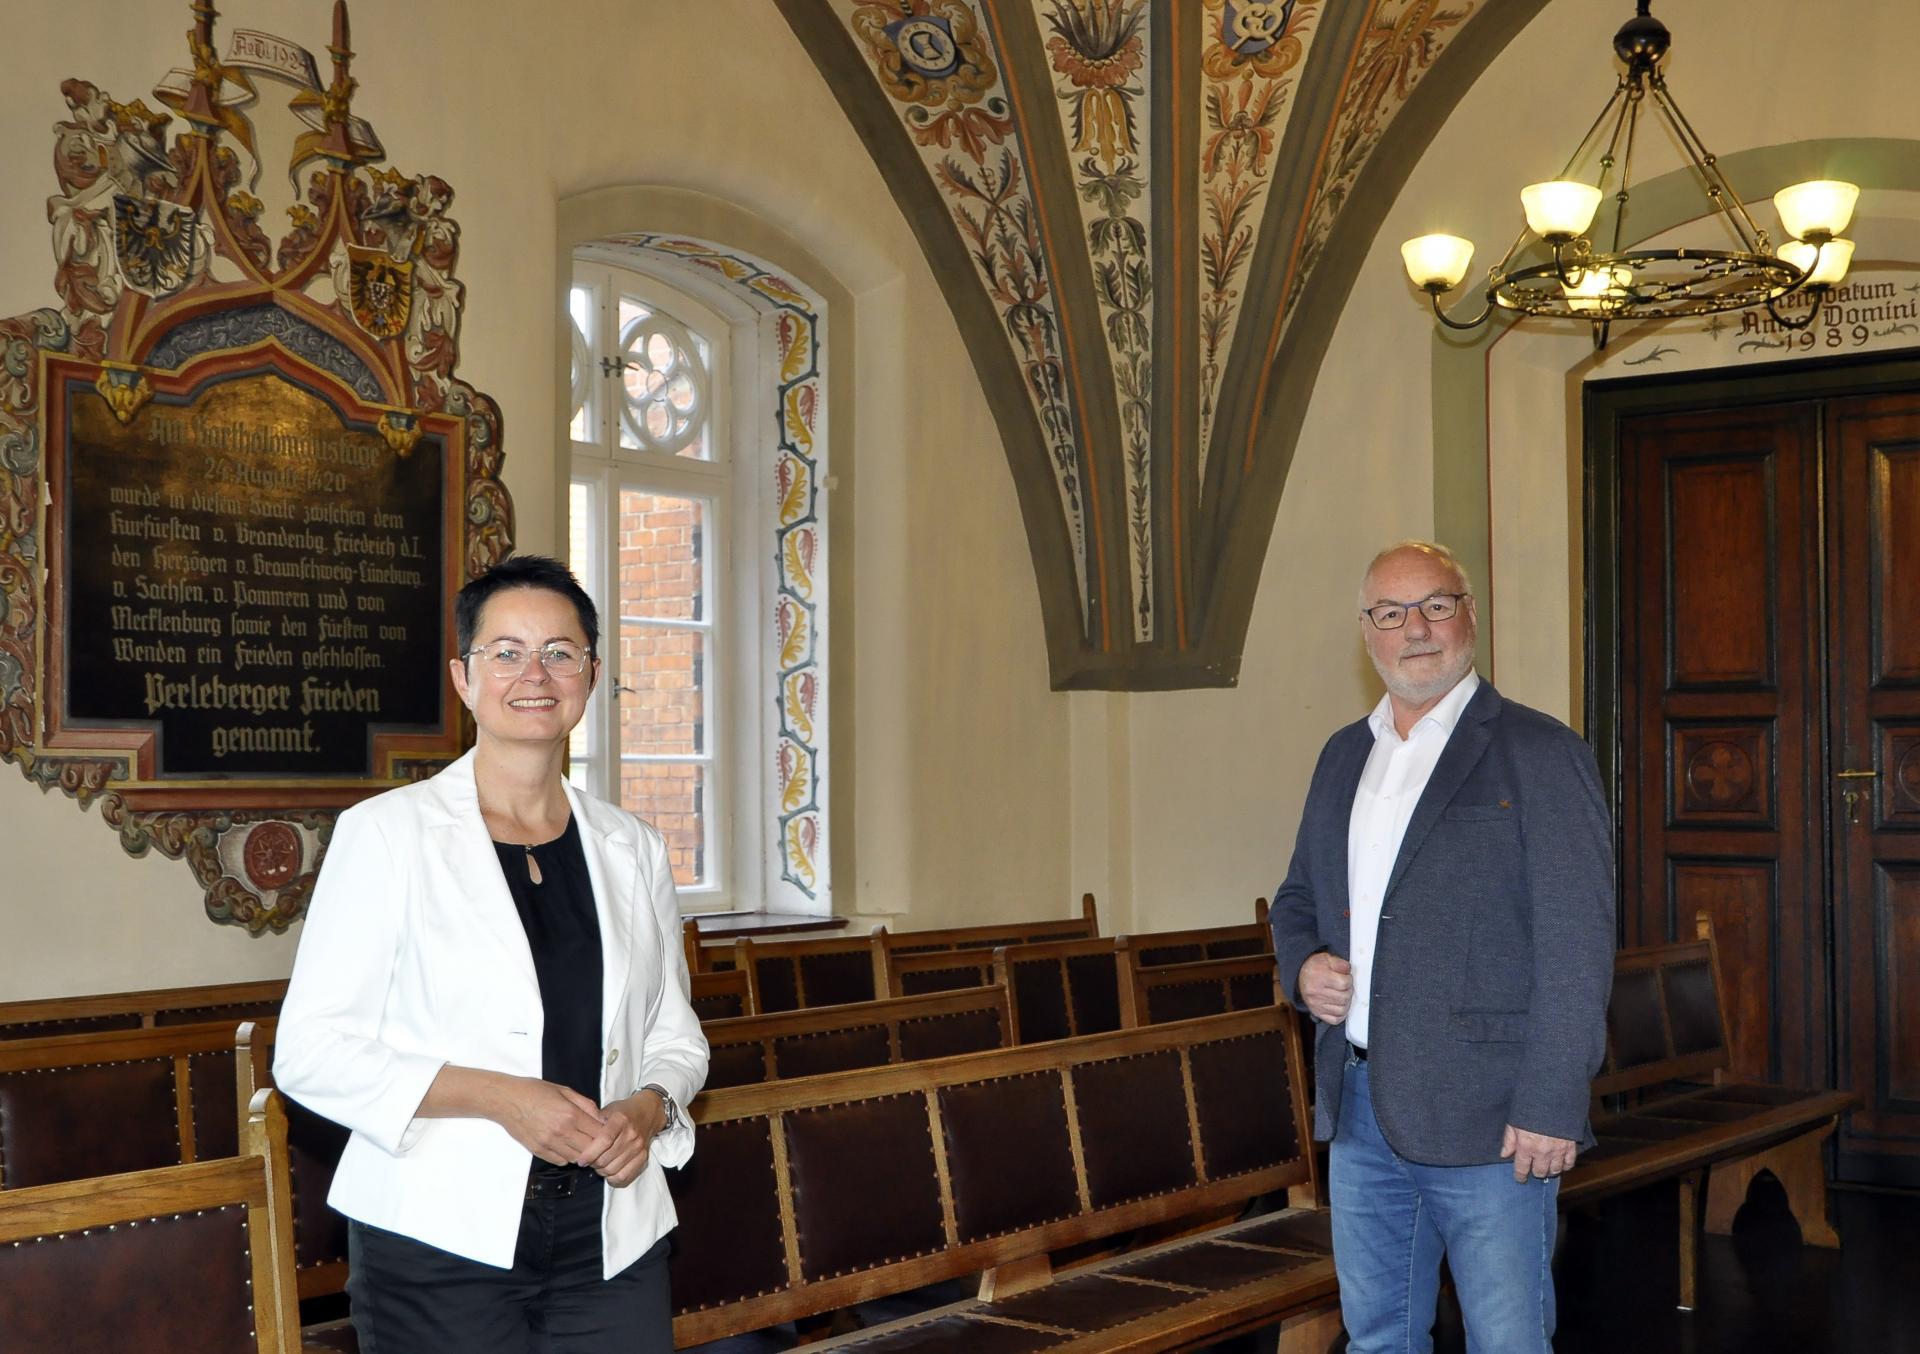 Foto: Fotograf Ellmenreich | Bürgermeisterin Annett Jura und Rainer Pickert, Vorsitzender der Stadtverordnetenversammlung Perleberg, im Großen Sitzungssaal des Rathauses.